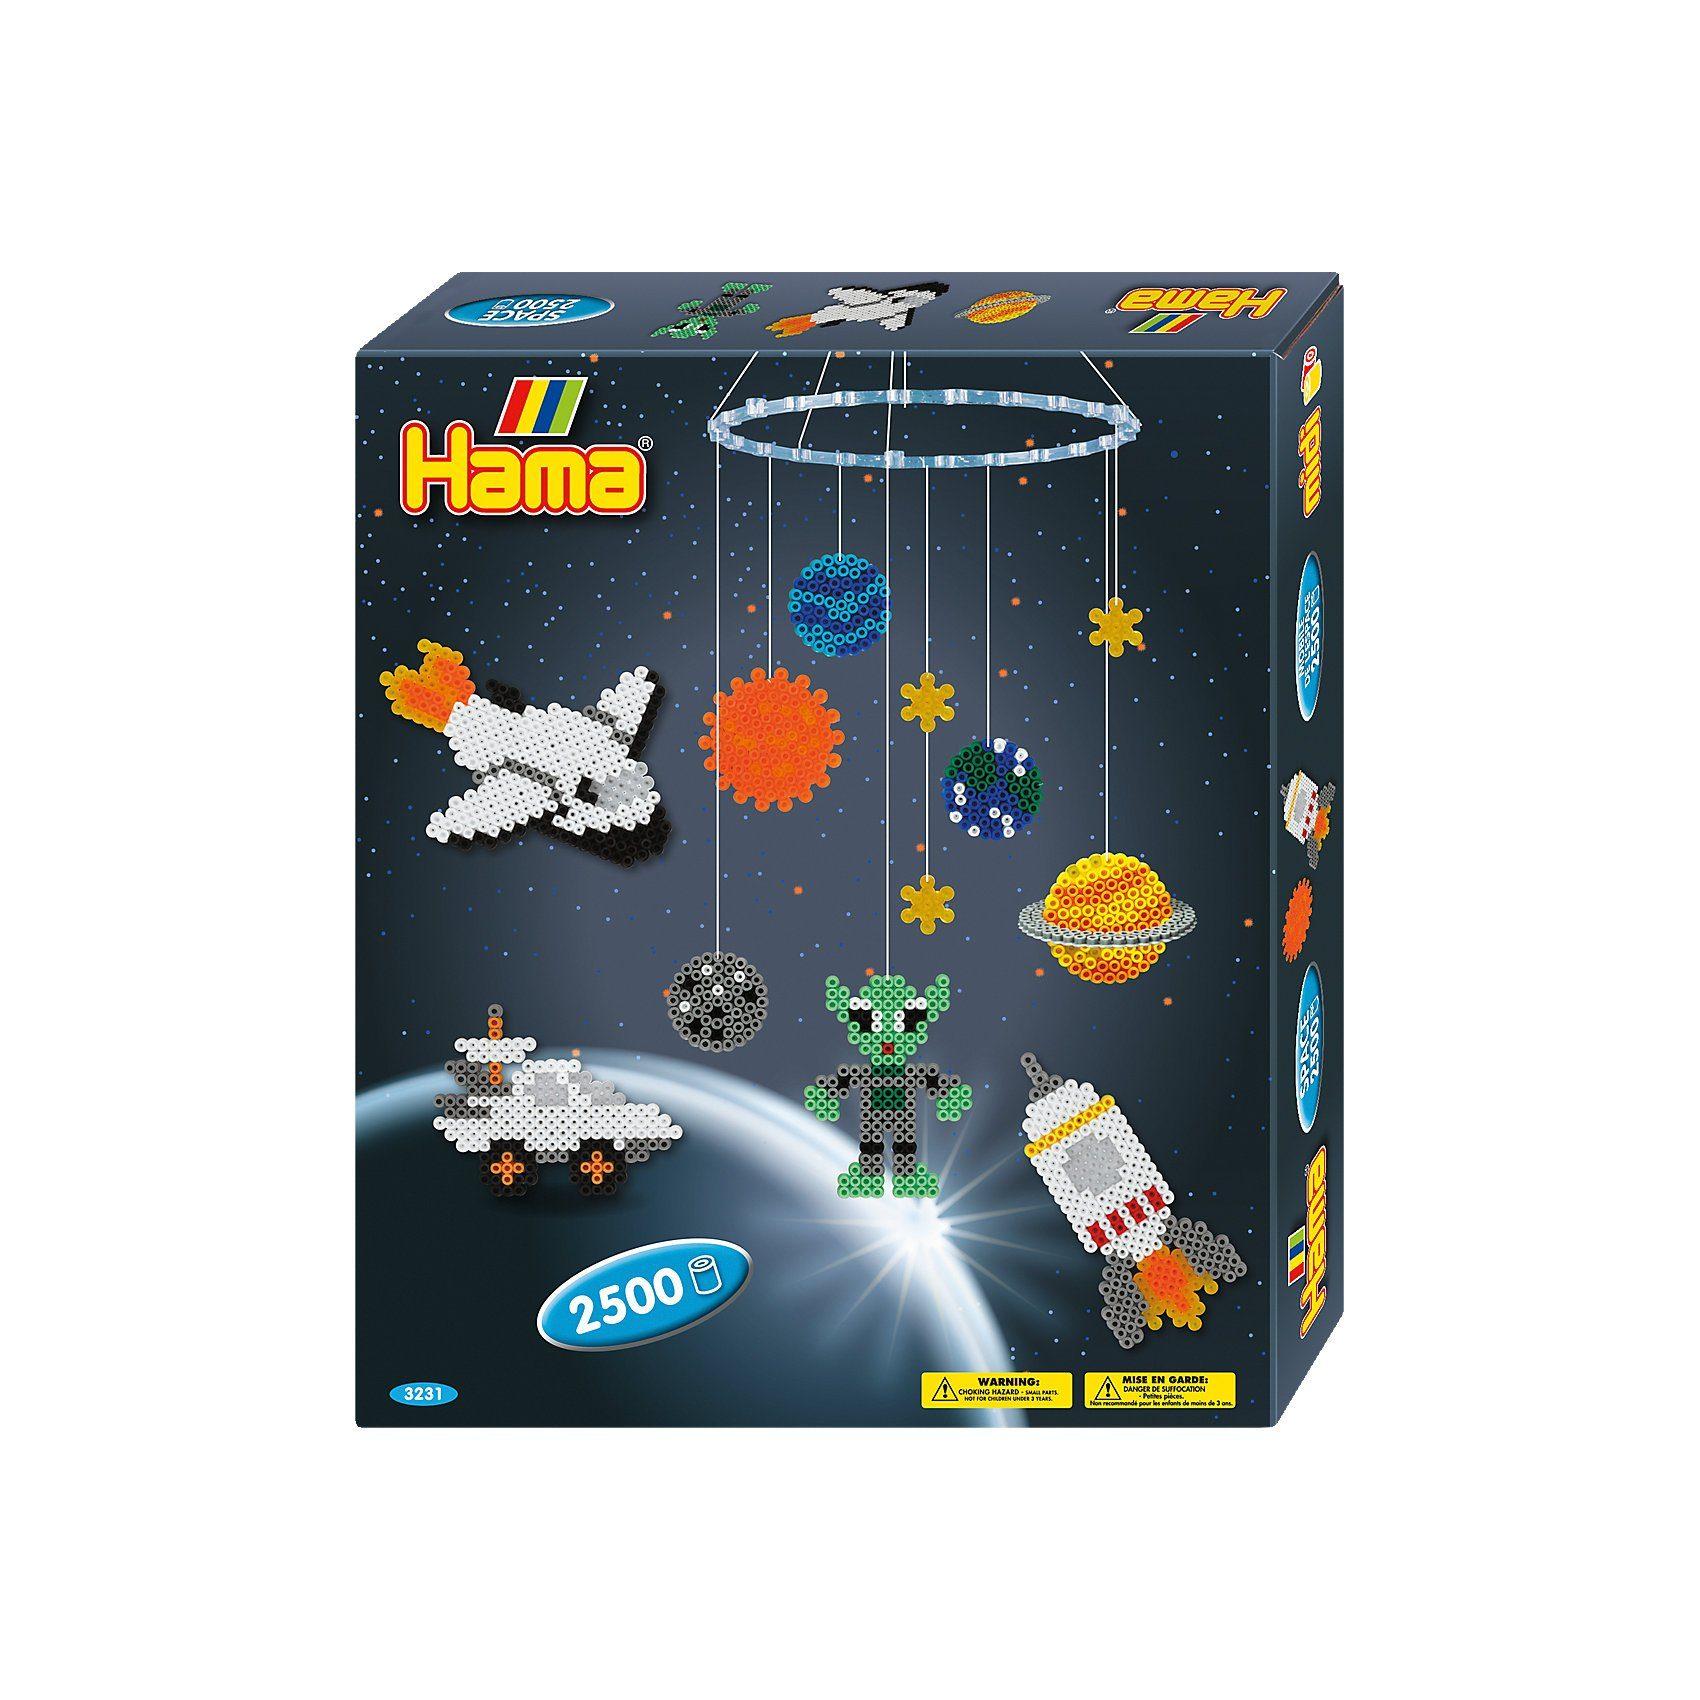 Hama Perlen HAMA 3231 Mobile Weltraum, 2.500 midi-Perlen & Zubehör